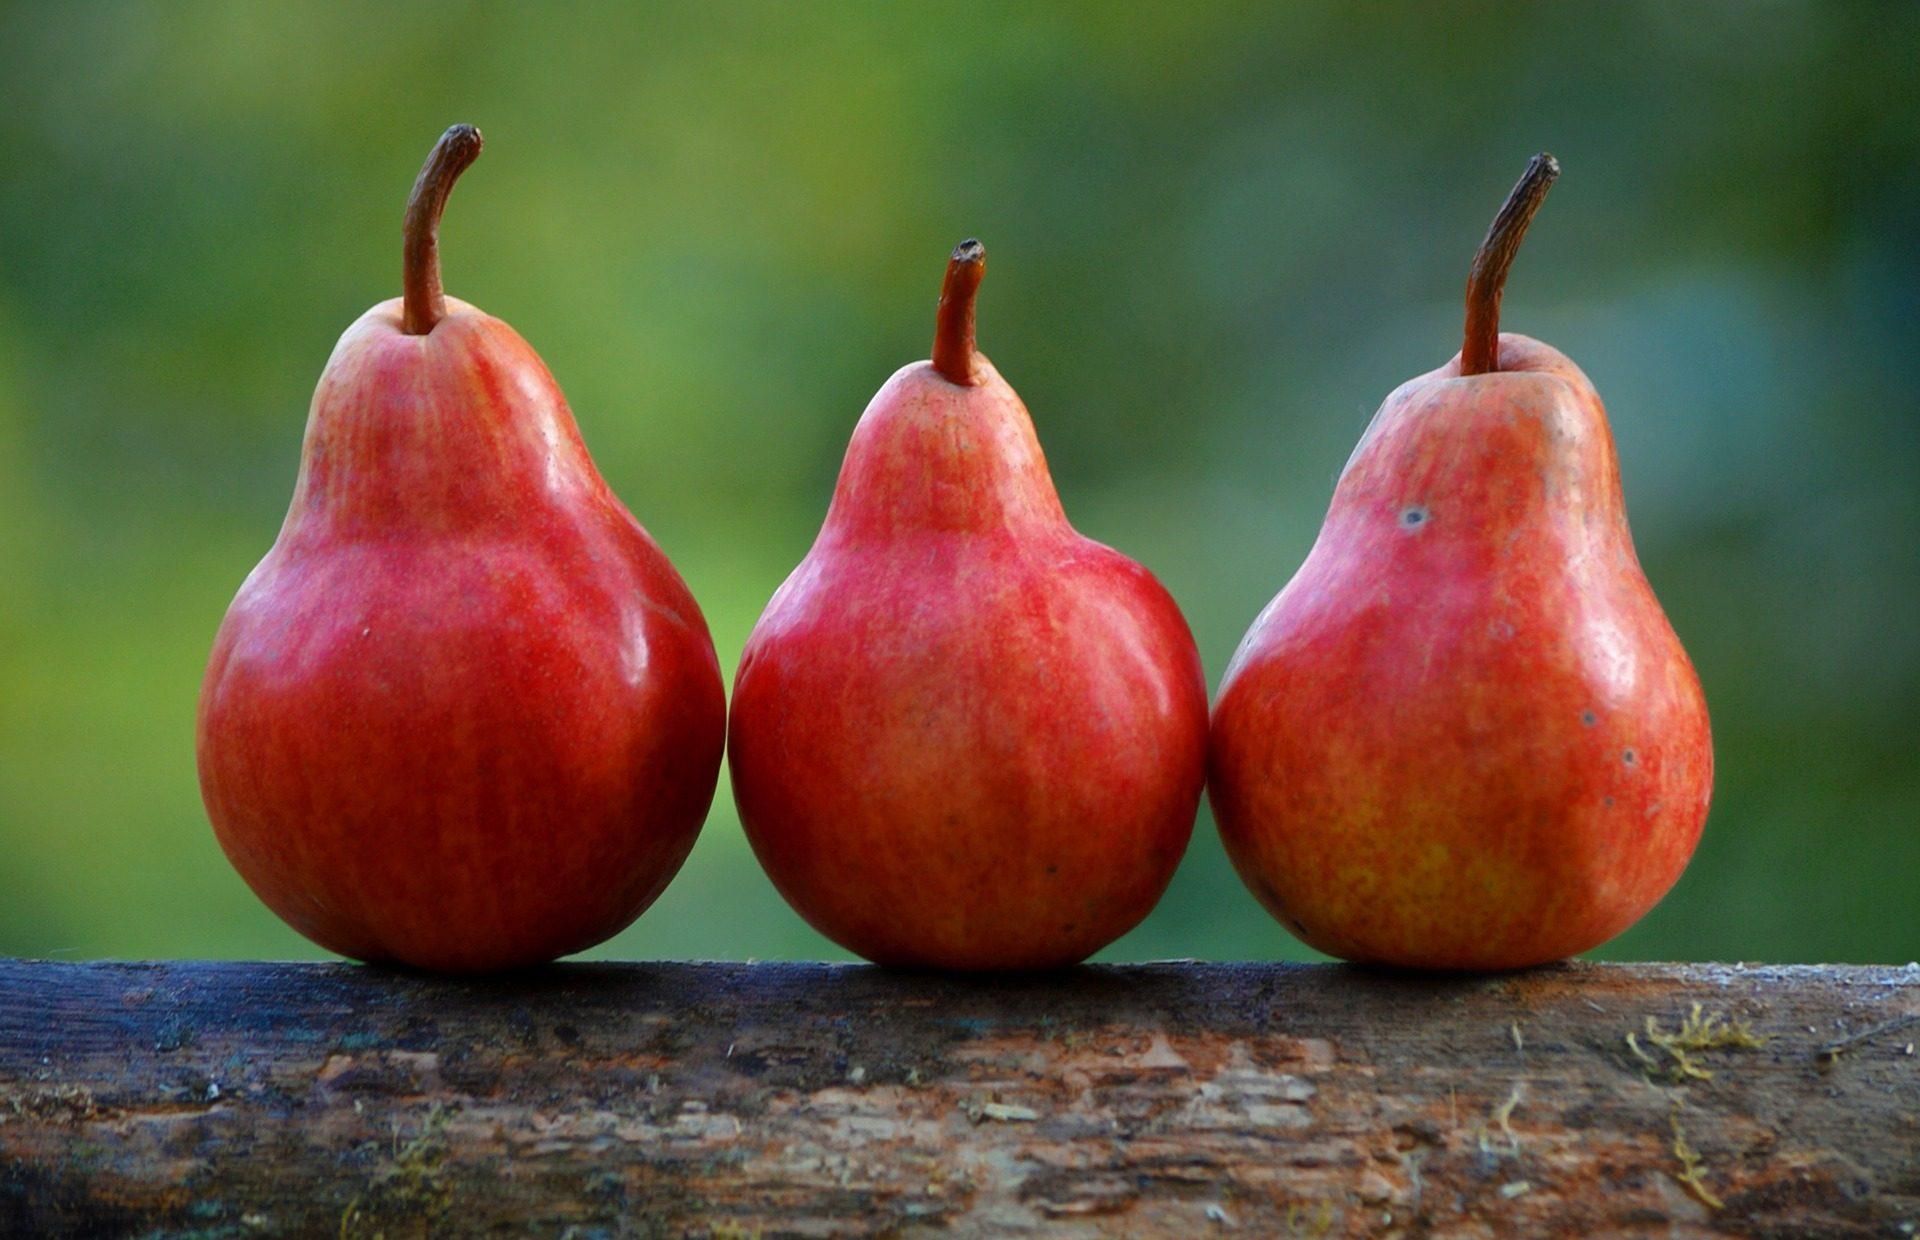 الكمثرى, الأحمر, فاكهة, صحية, النظام الغذائي - خلفيات عالية الدقة - أستاذ falken.com